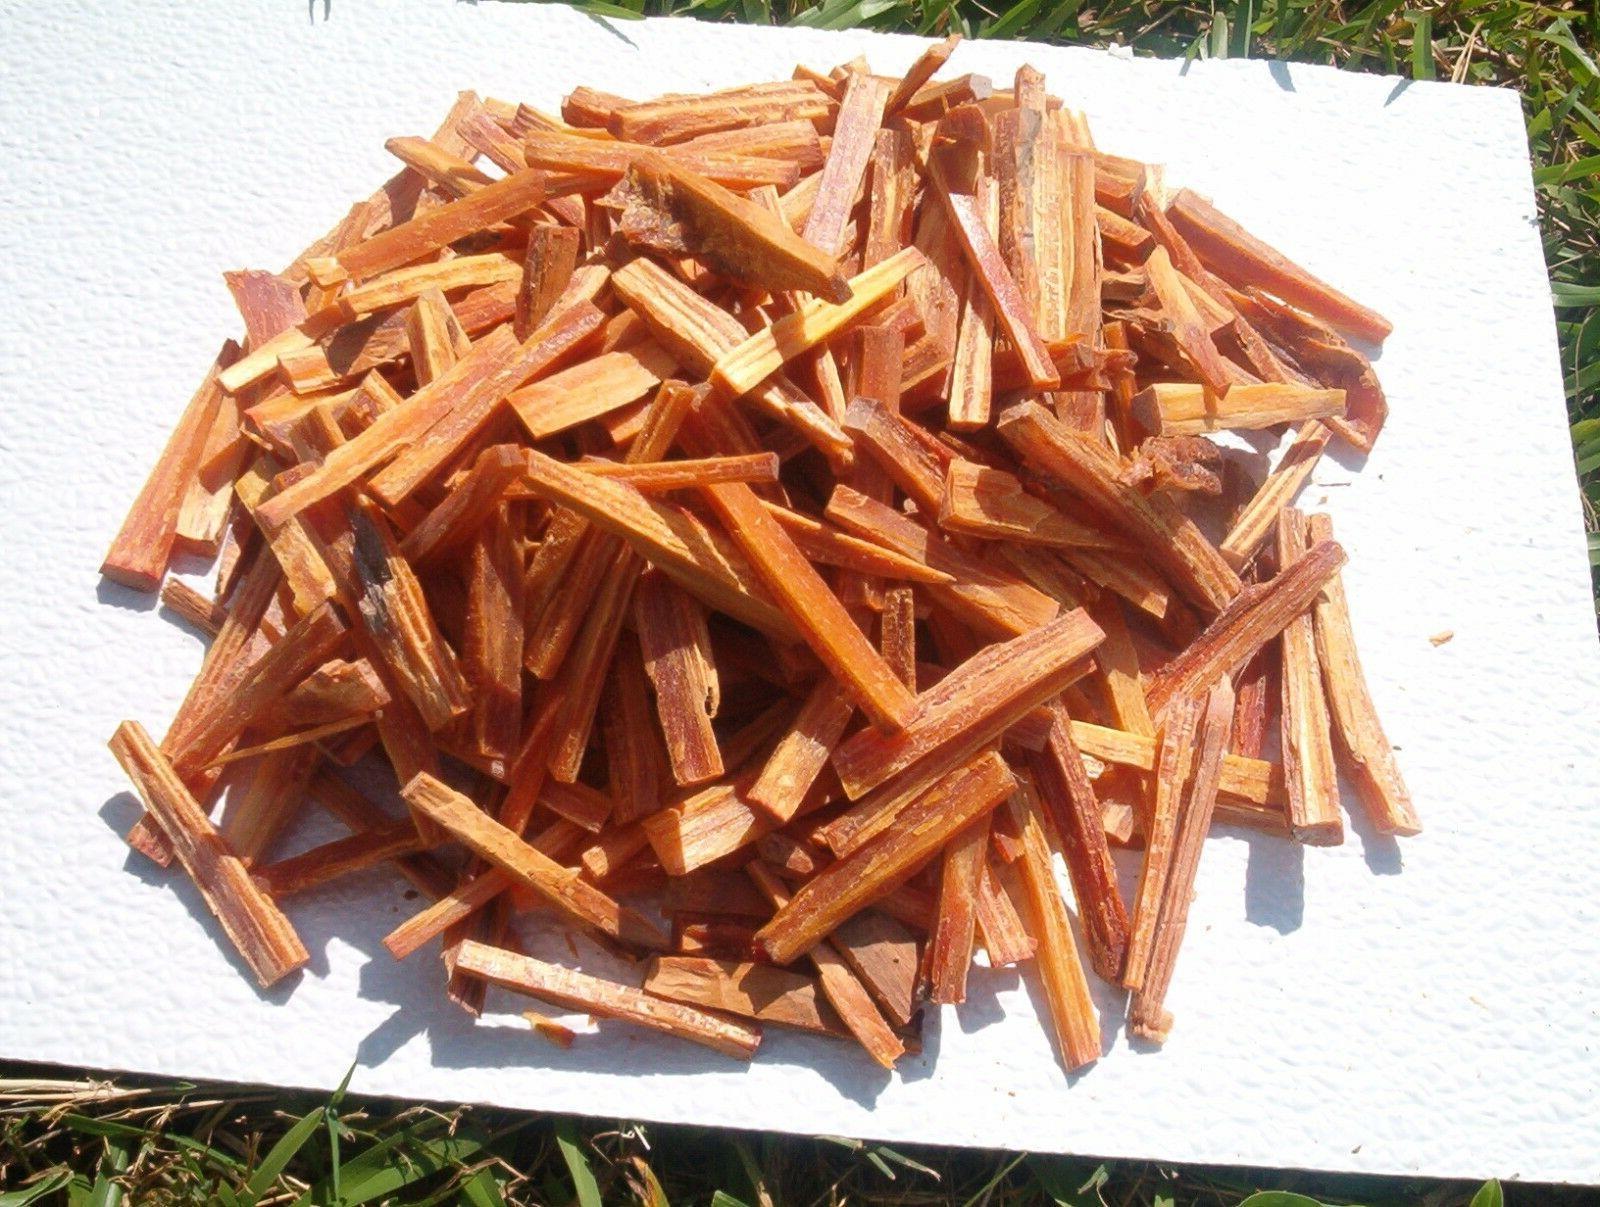 fat lighter fatwood fire tinder kindling fire